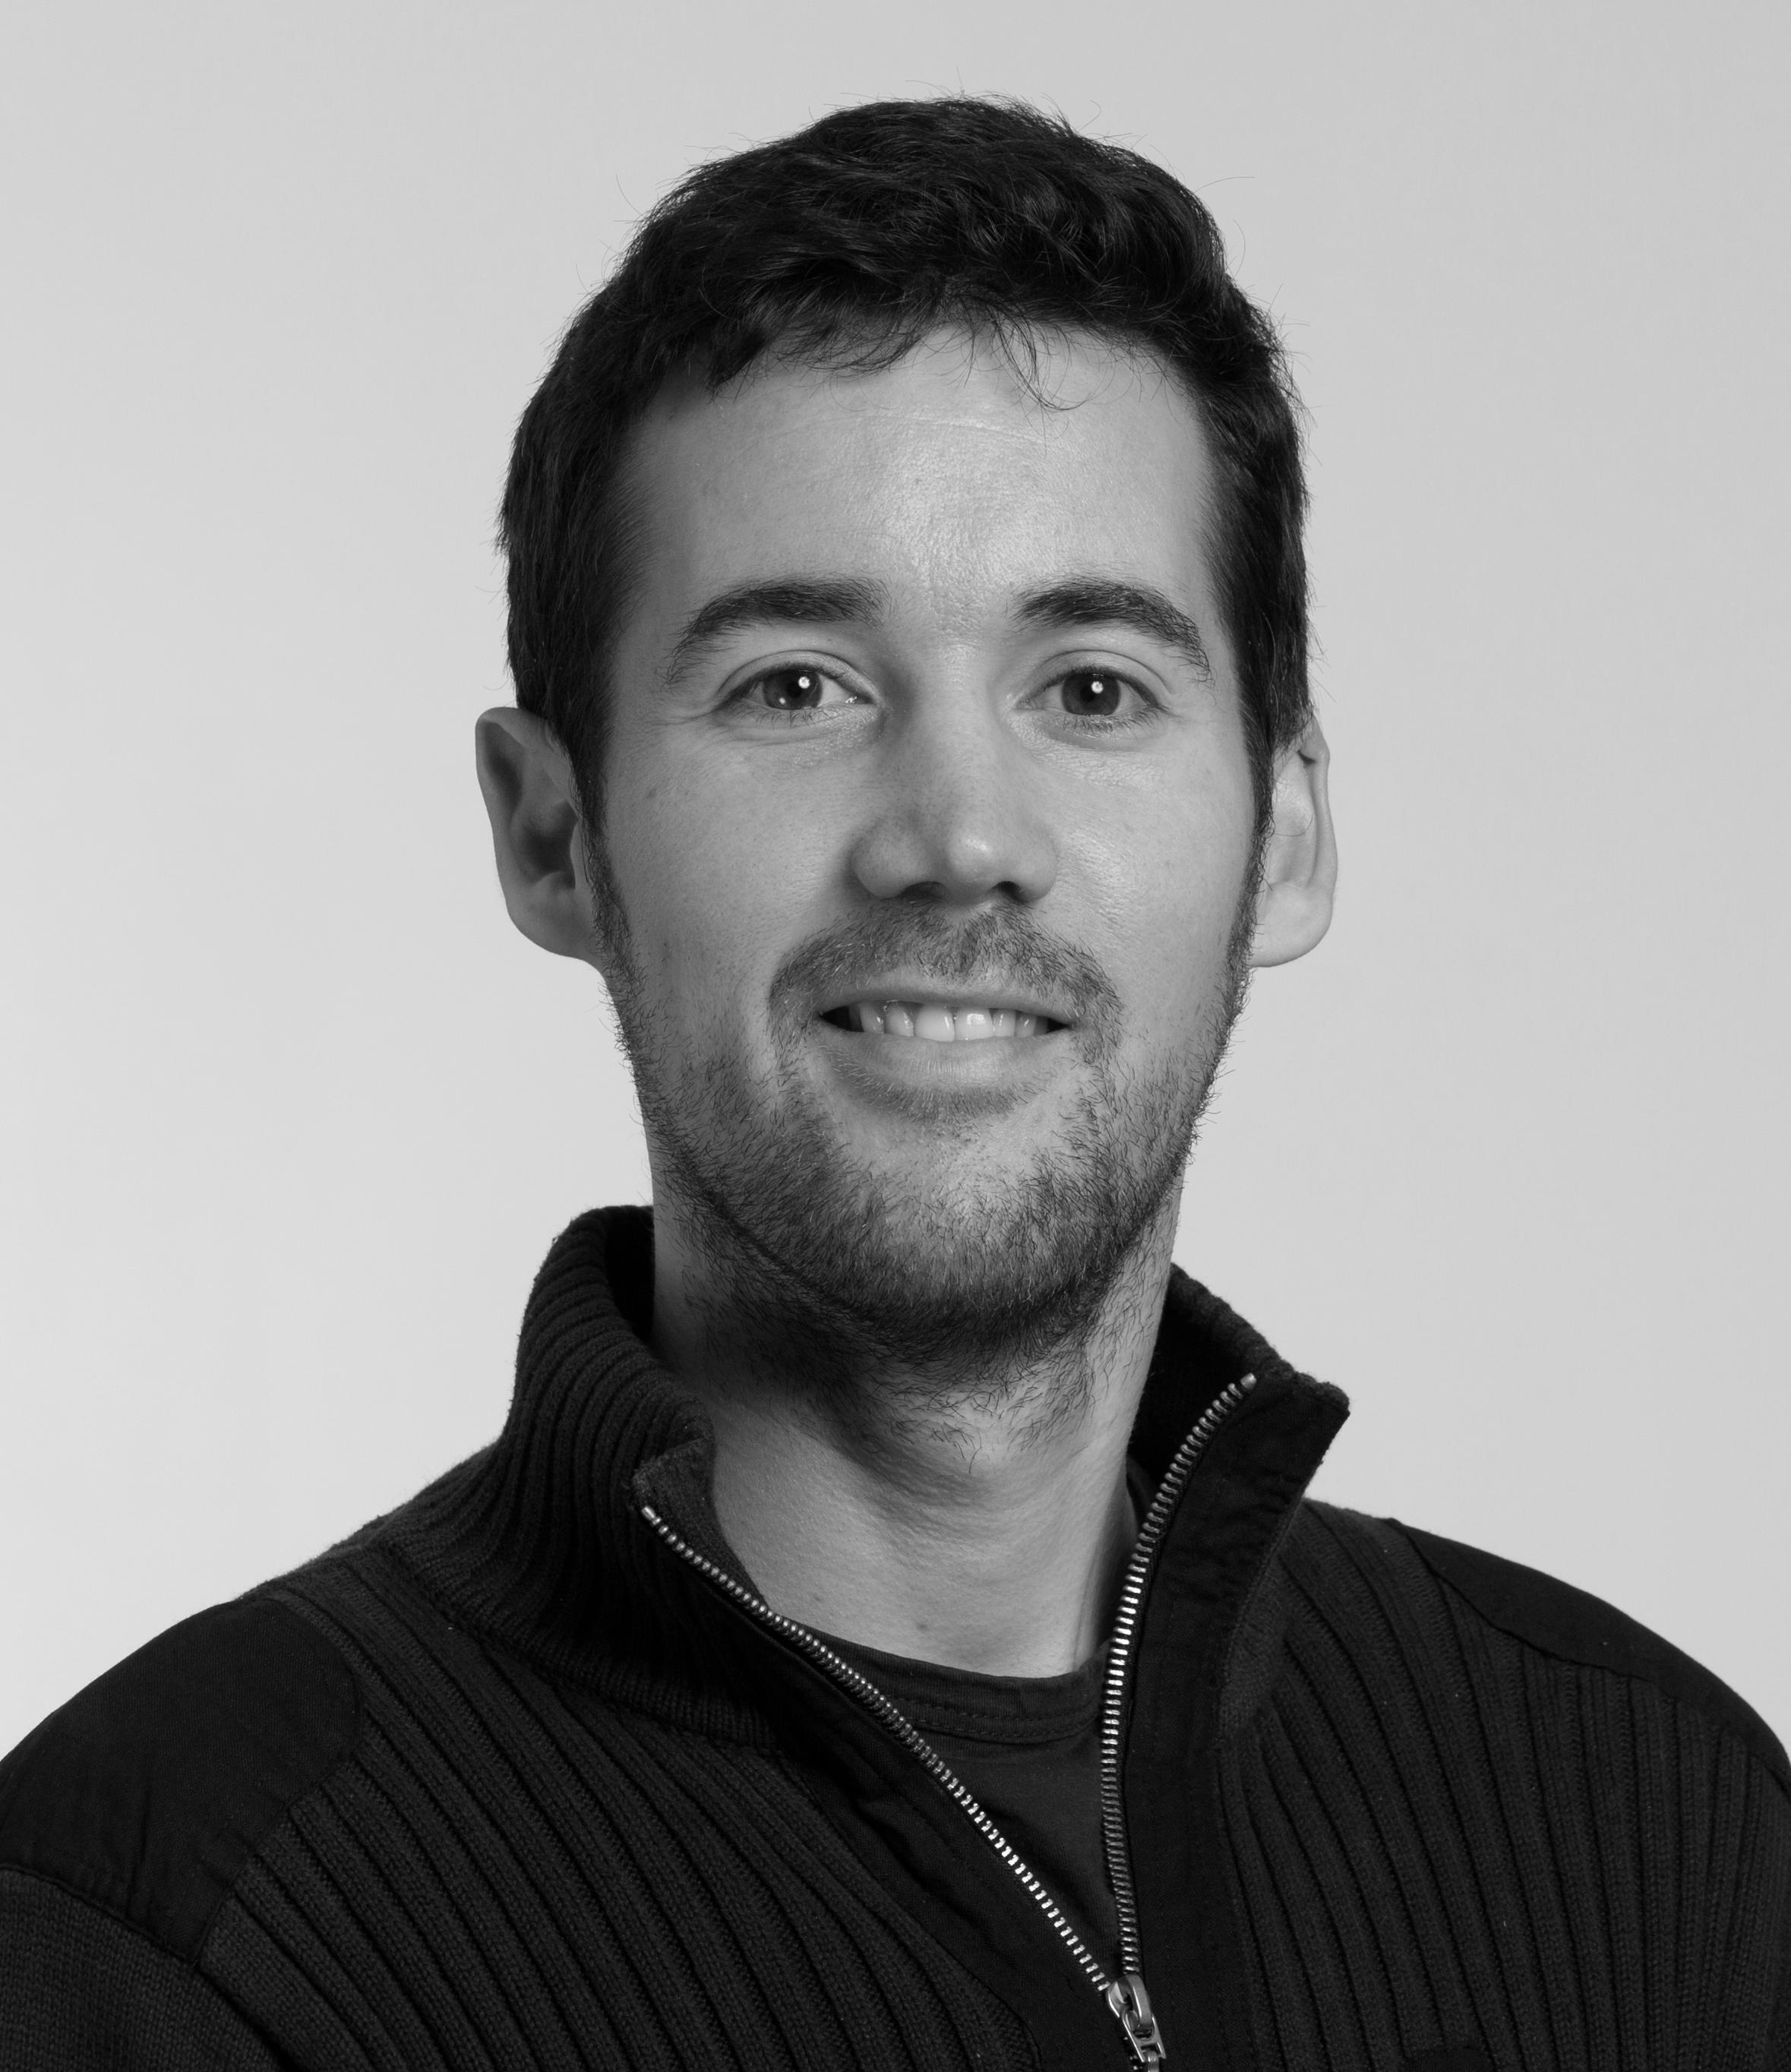 Marc Soriano